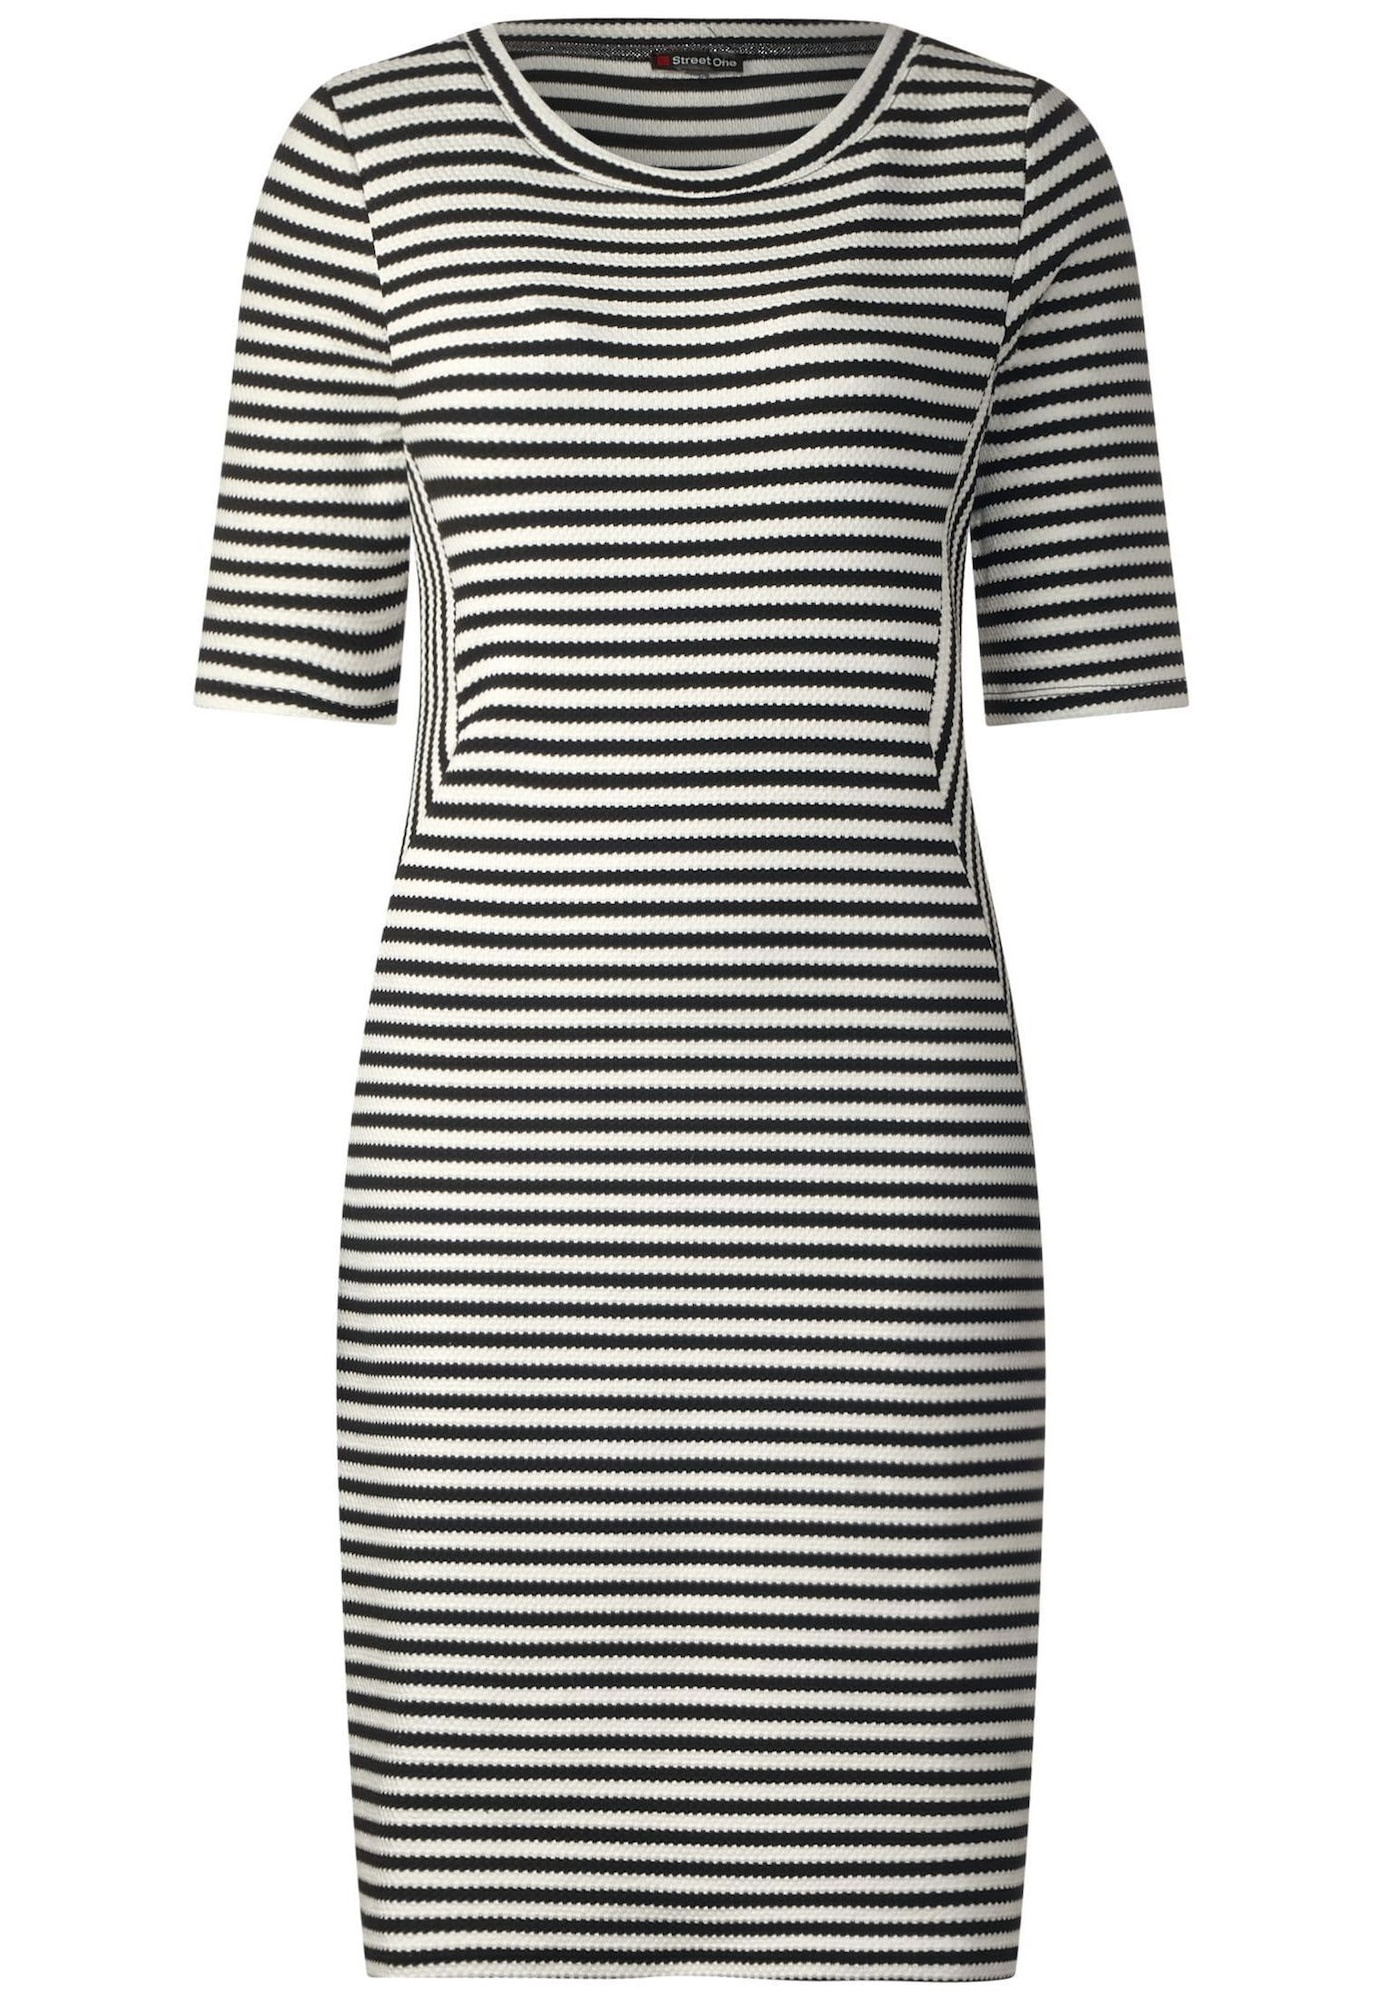 STREET ONE Kleid schwarz / weiß - Schwarzes Kleid